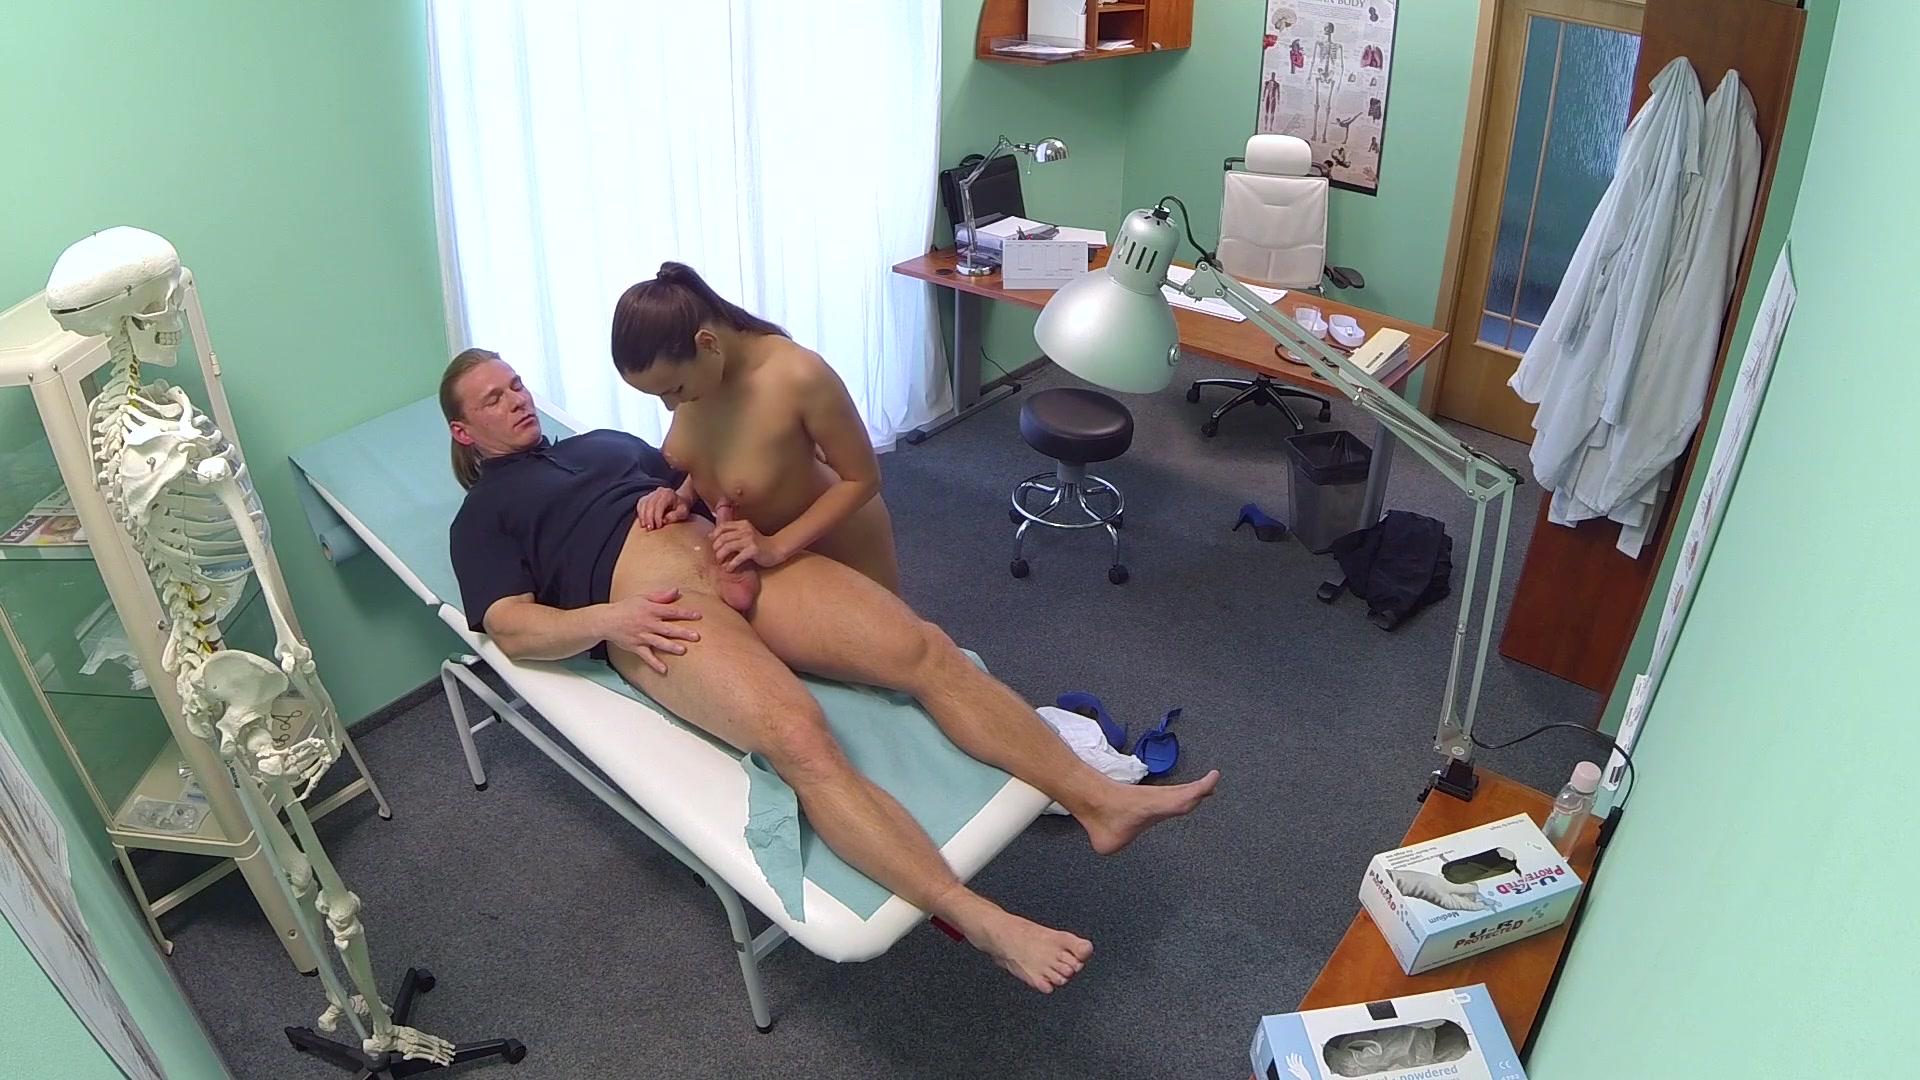 секс госпиталь фото влез